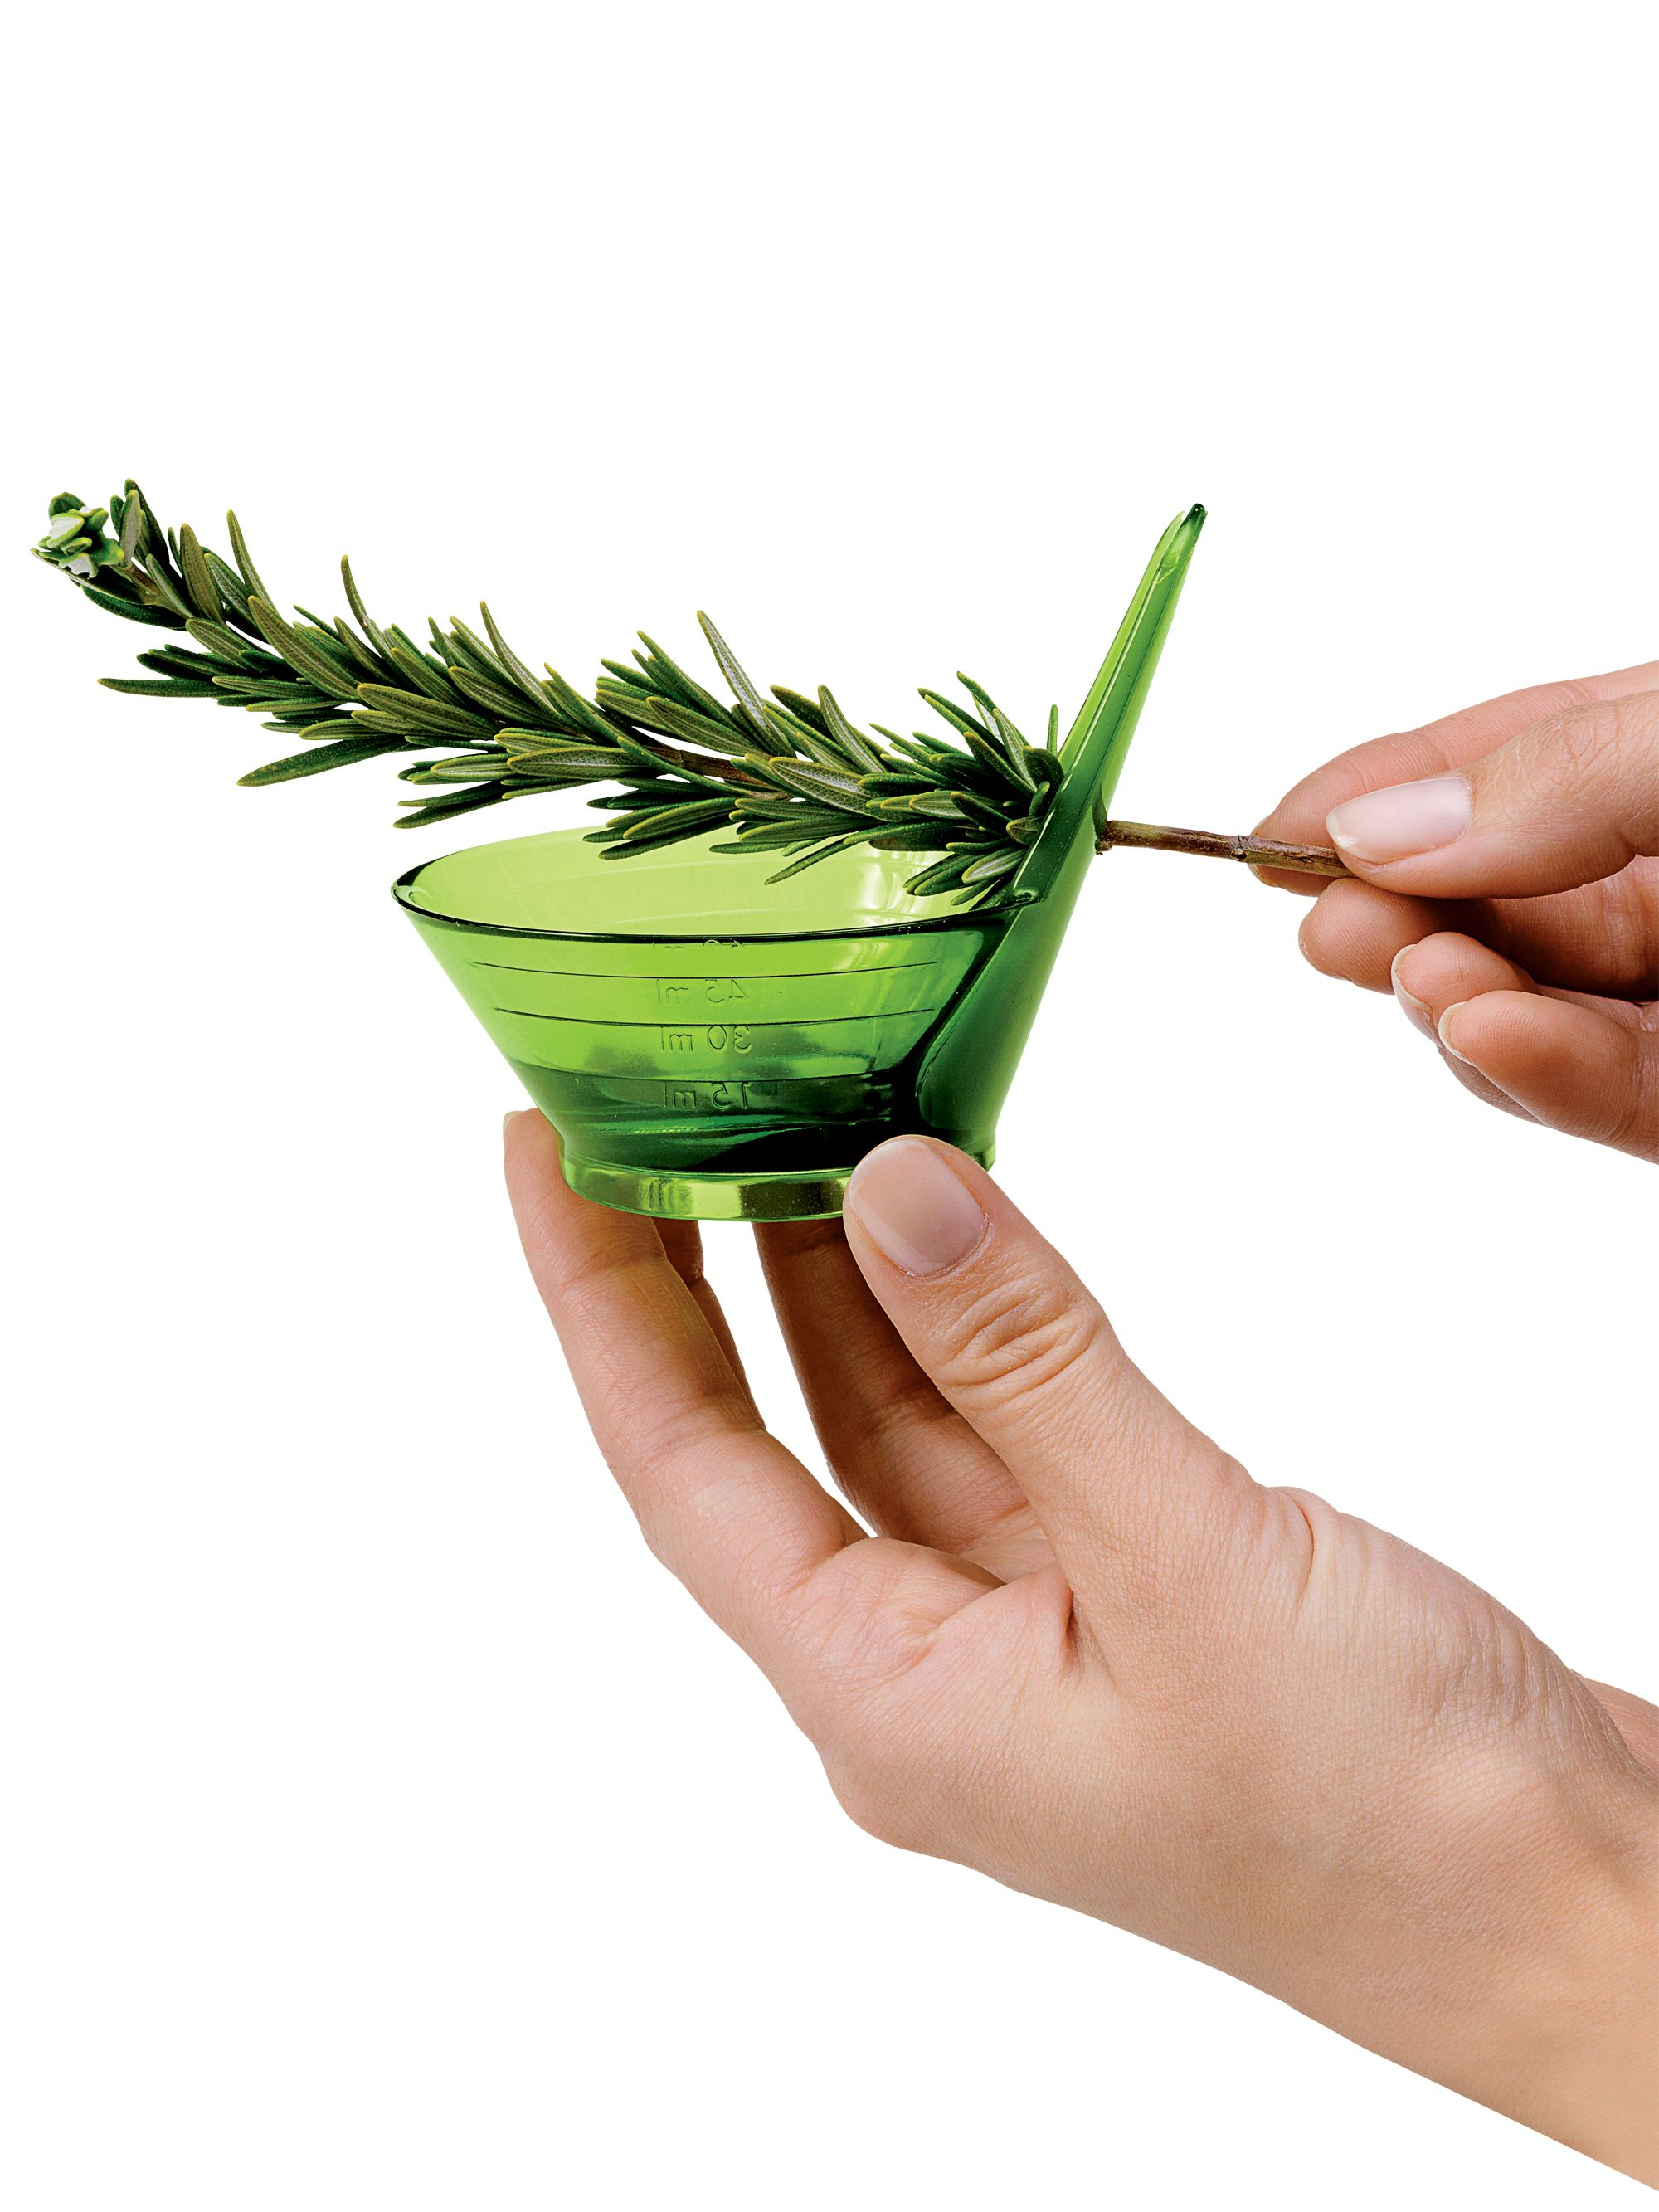 Chefu0027n Herb Stripper | Gardeneru0027s Supply, Use For Thyme, Rosemary U0026  Tarragon. Kitchen GadgetsKitchen ...